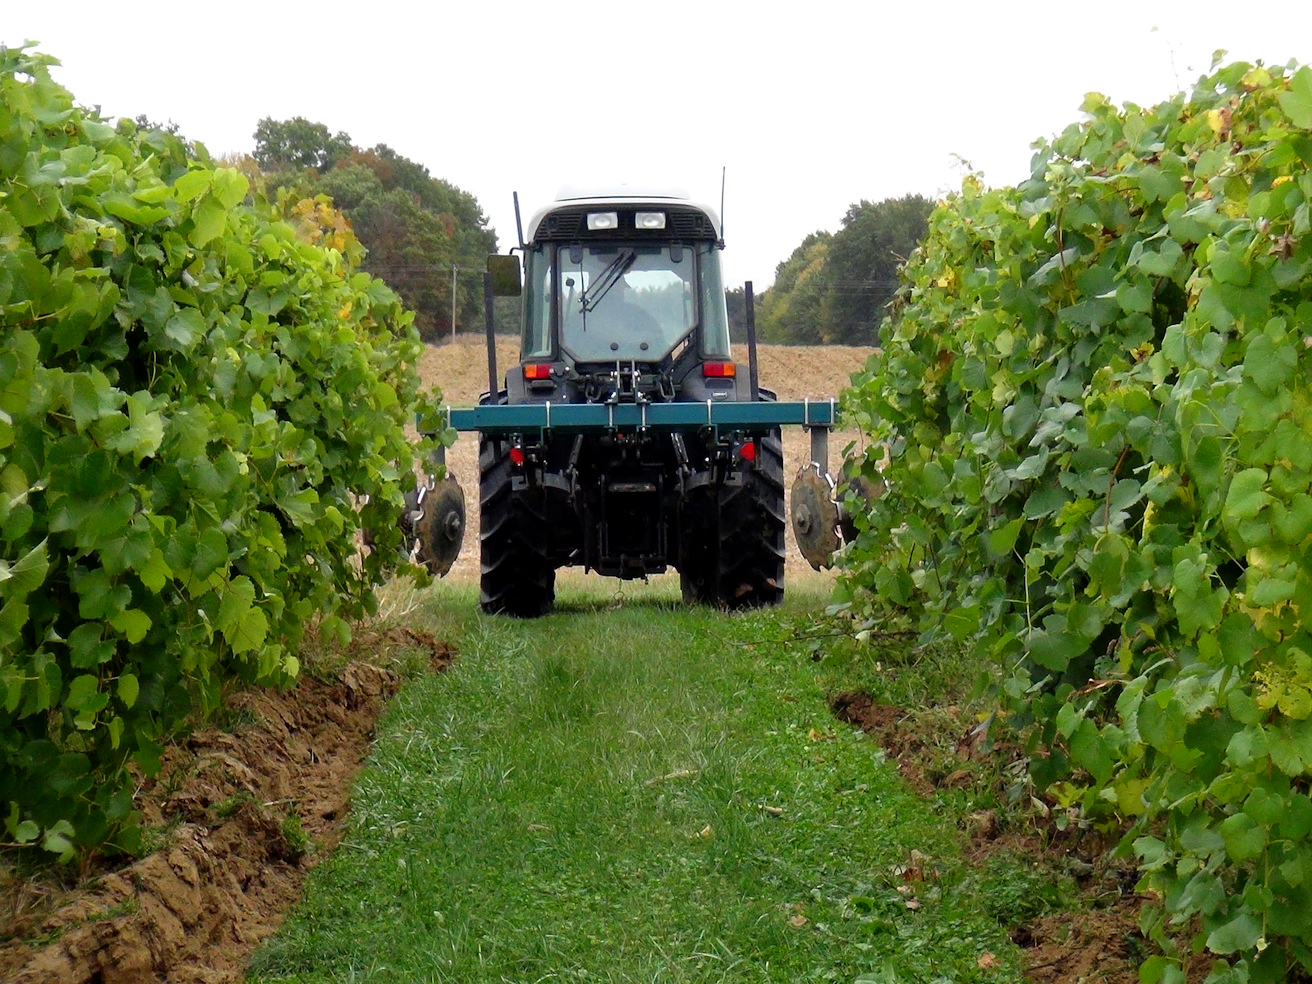 Hilling up soil